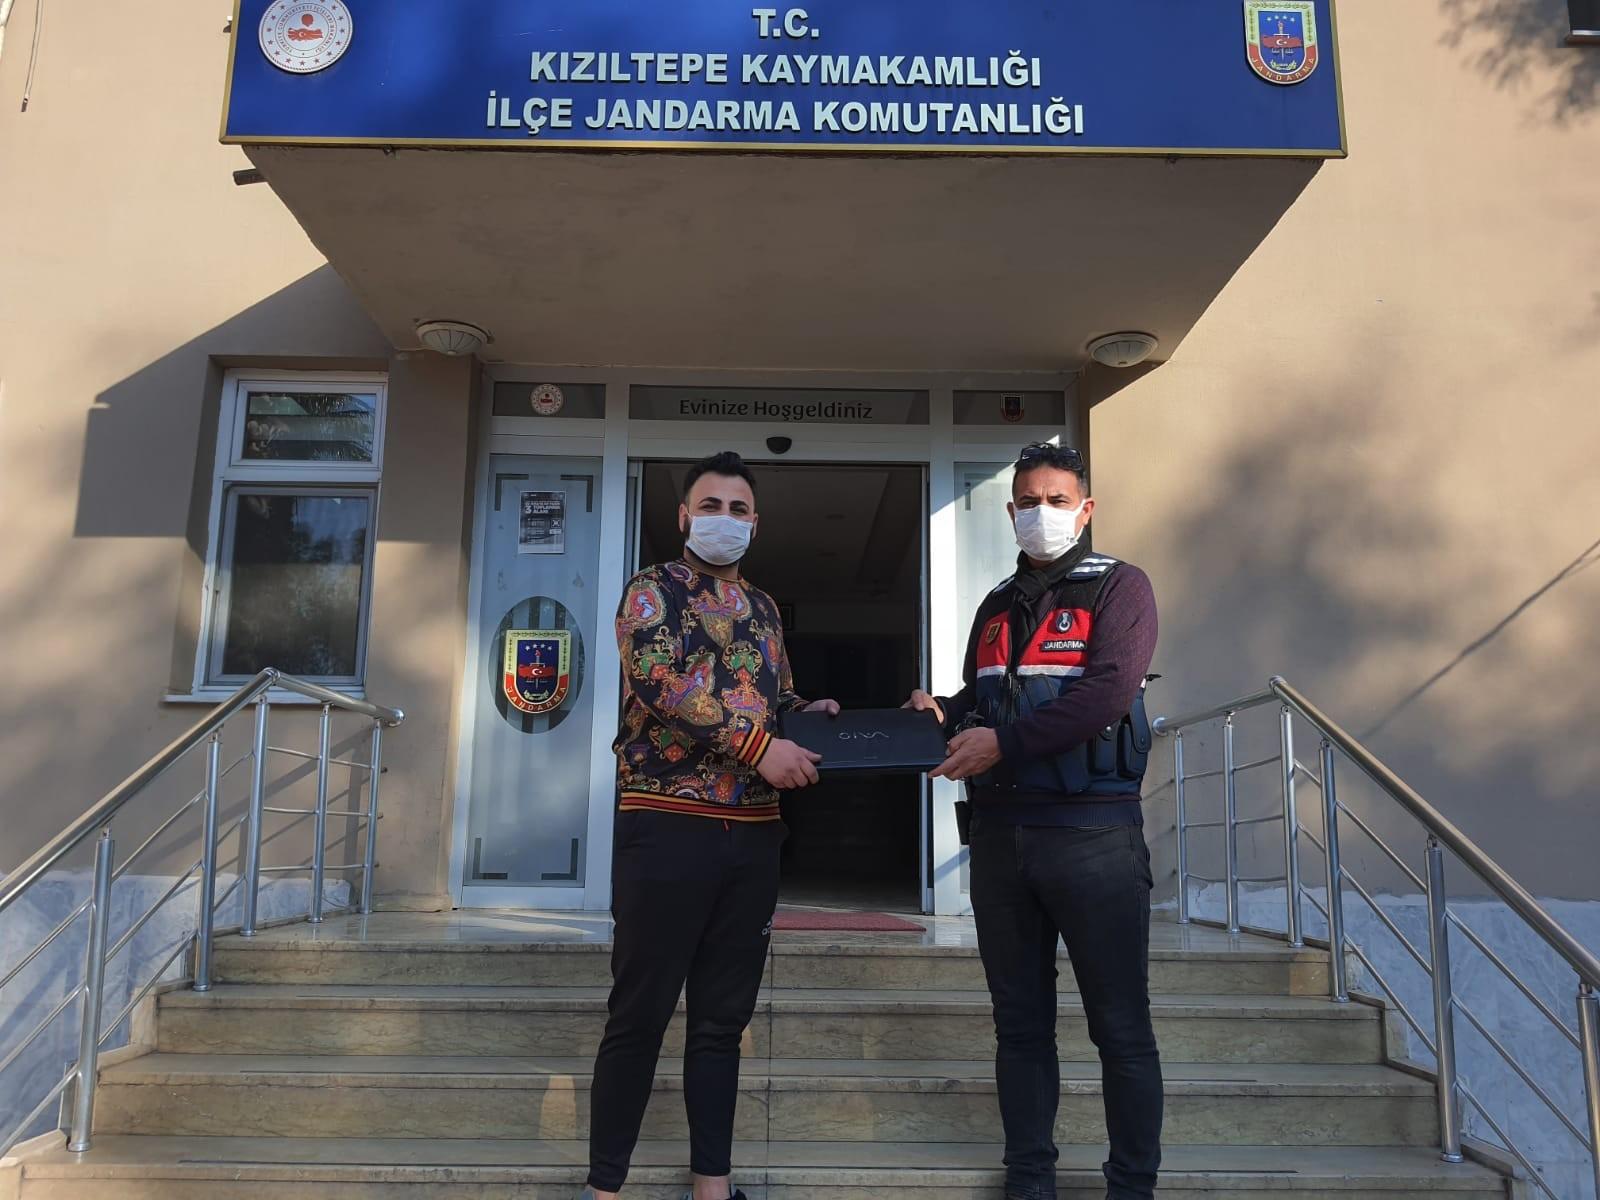 Kızıltepe'de hırsızlar jandarmadan kaçamadı